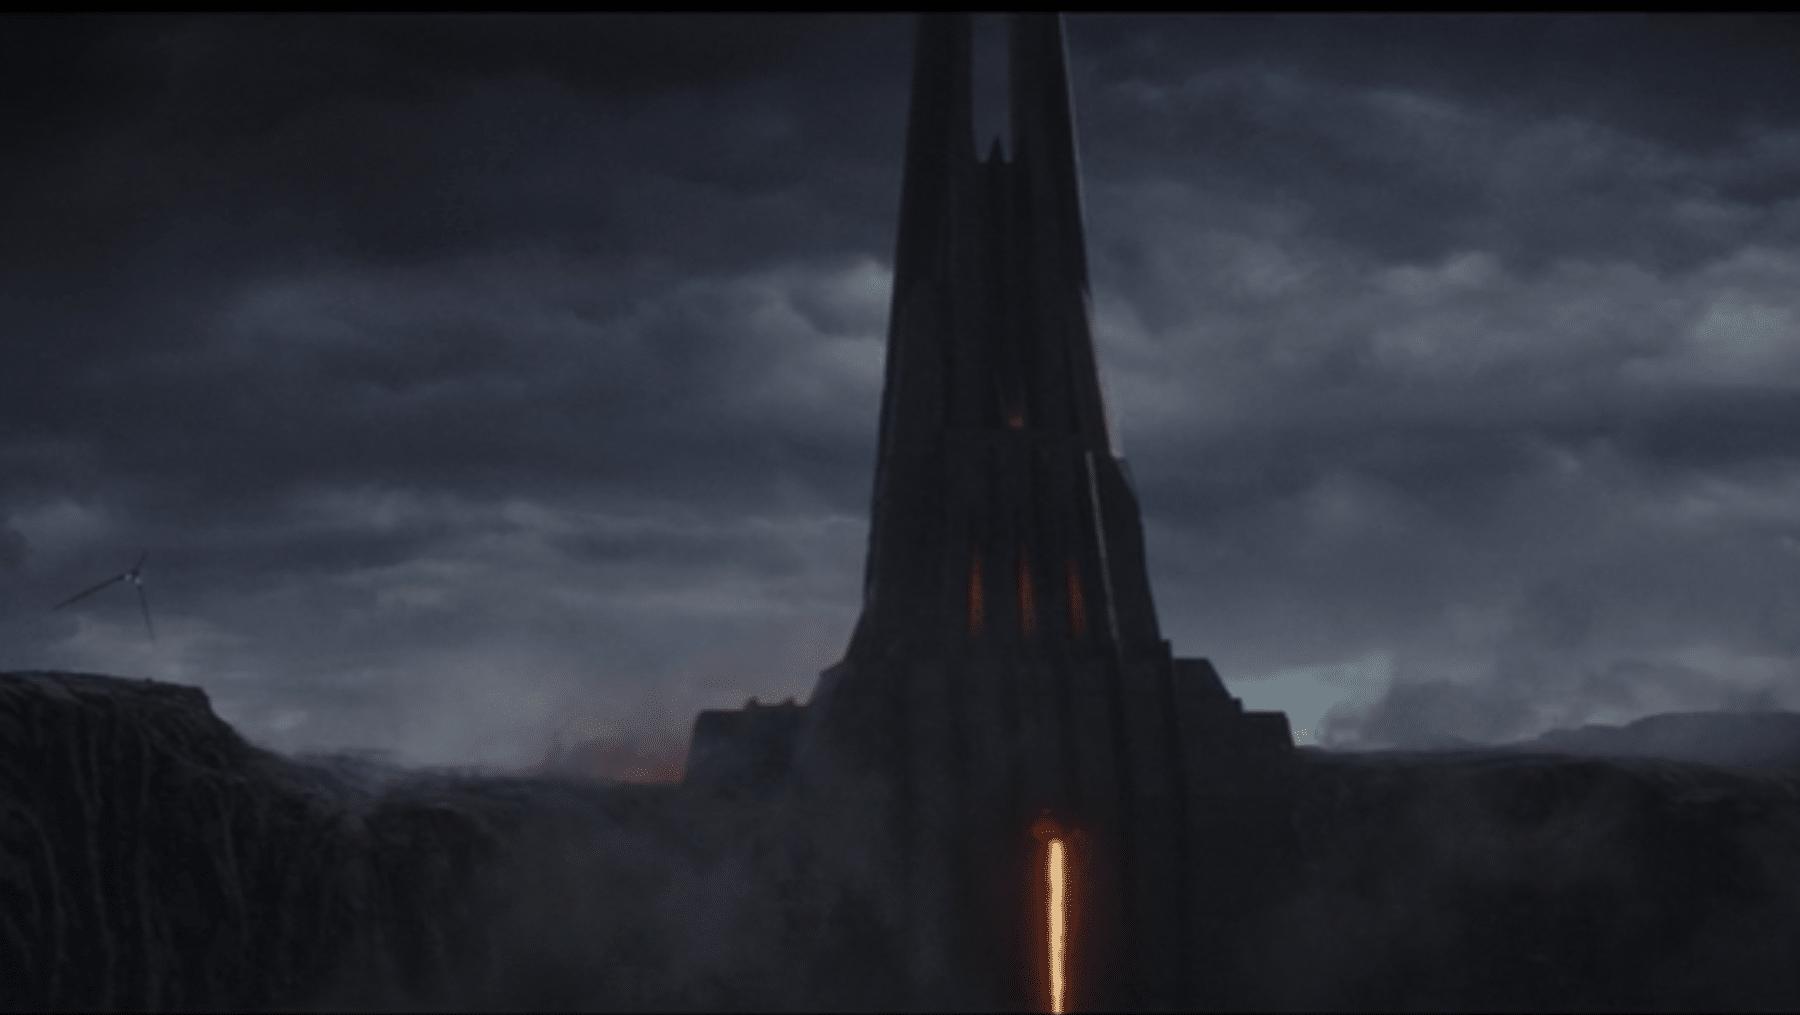 LEGO Darth Vaders Castle